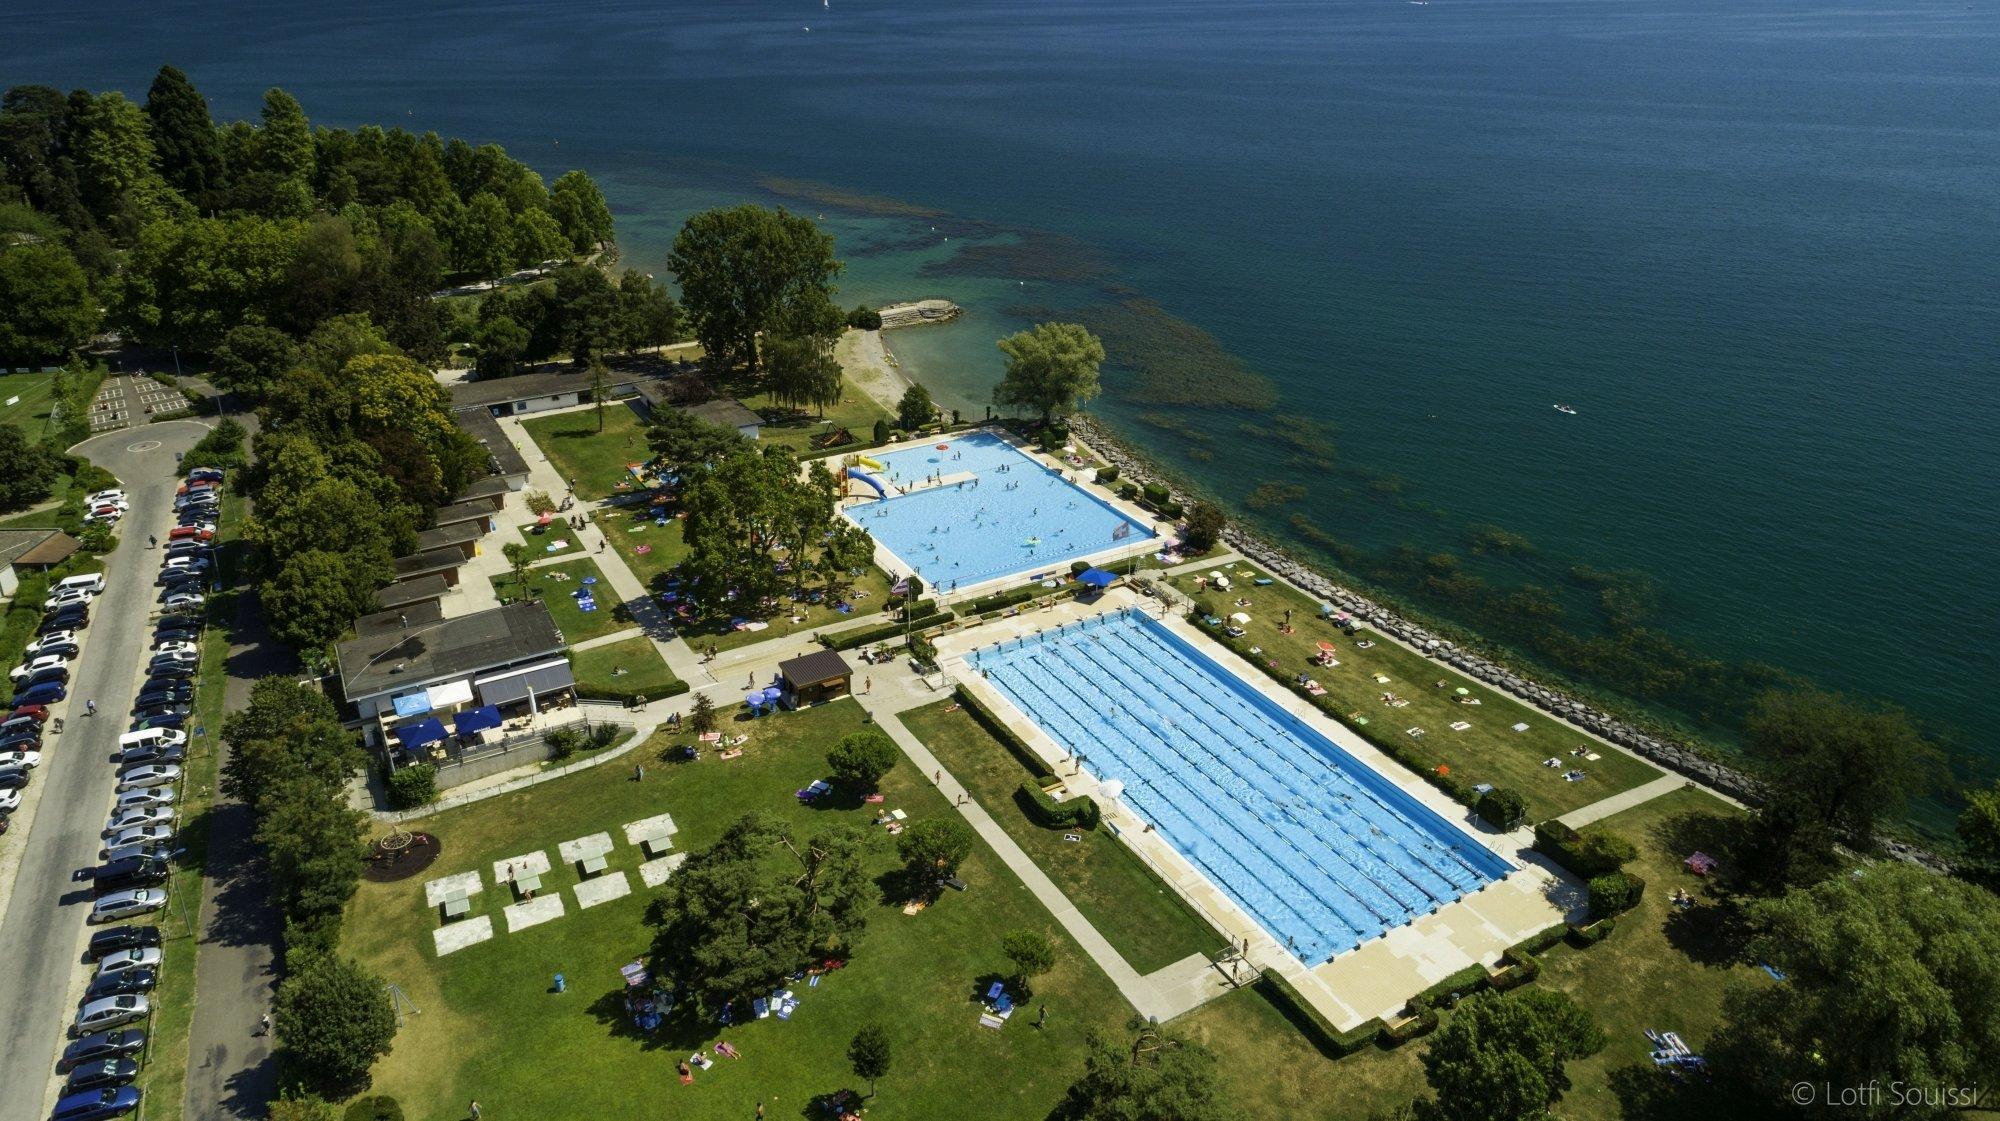 «La piscine de Morges mérite qu'on s'intéresse à son caractère patrimonial»